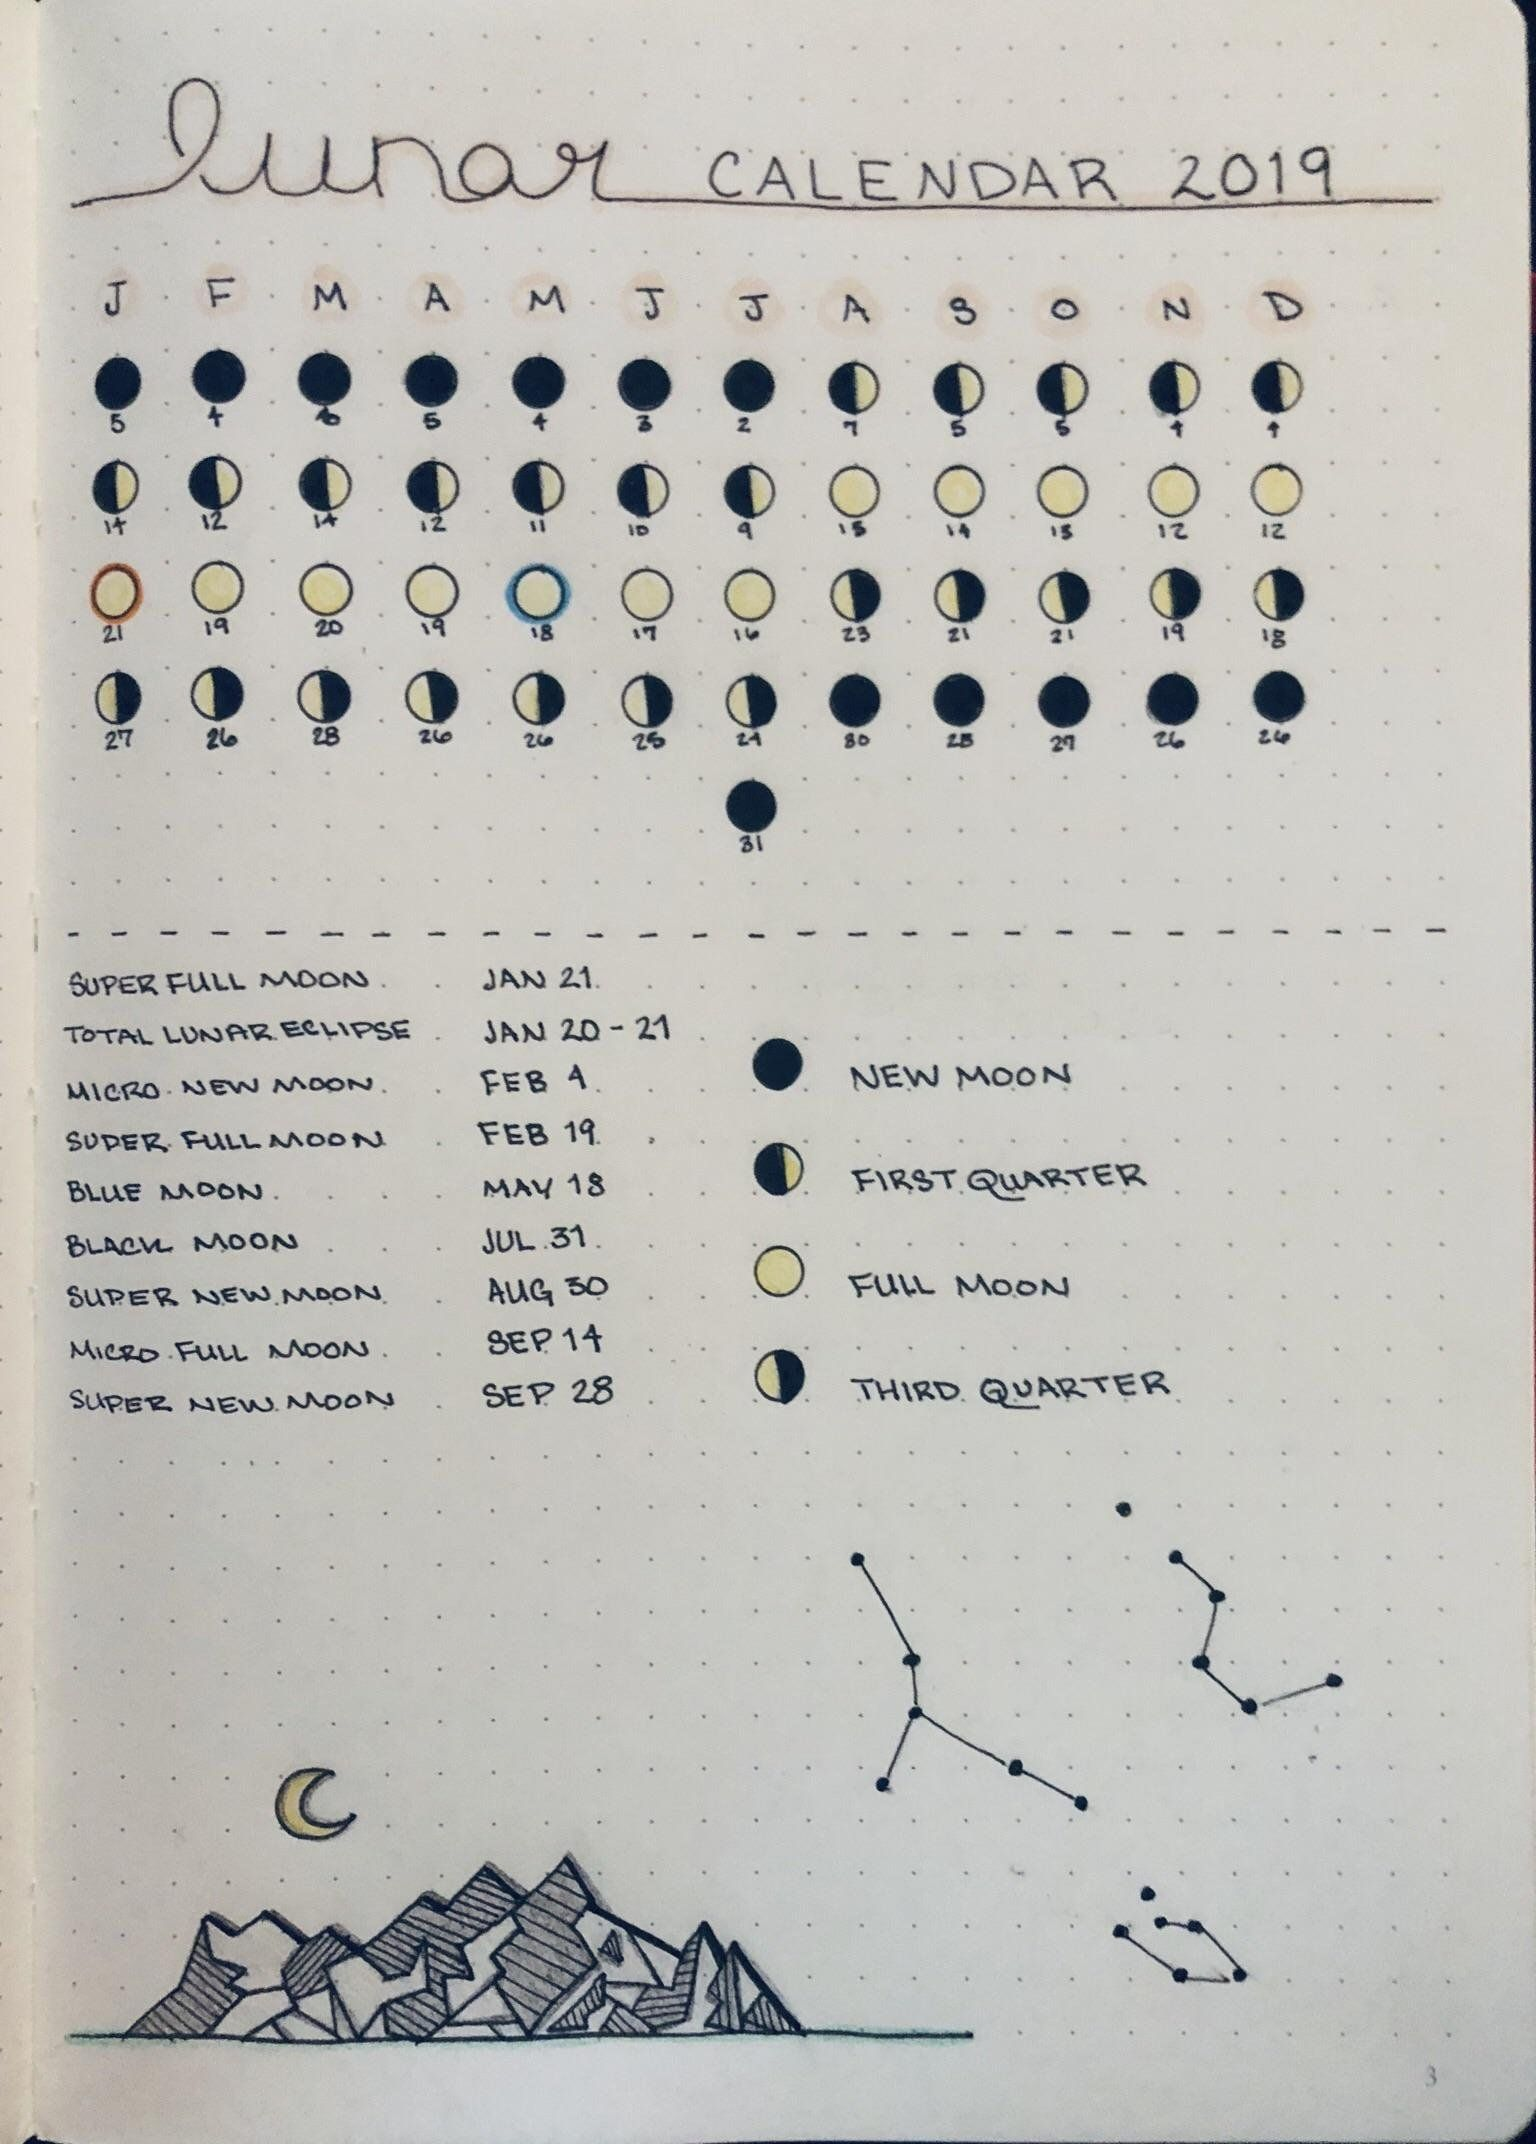 Lunar Calendar For Bujo